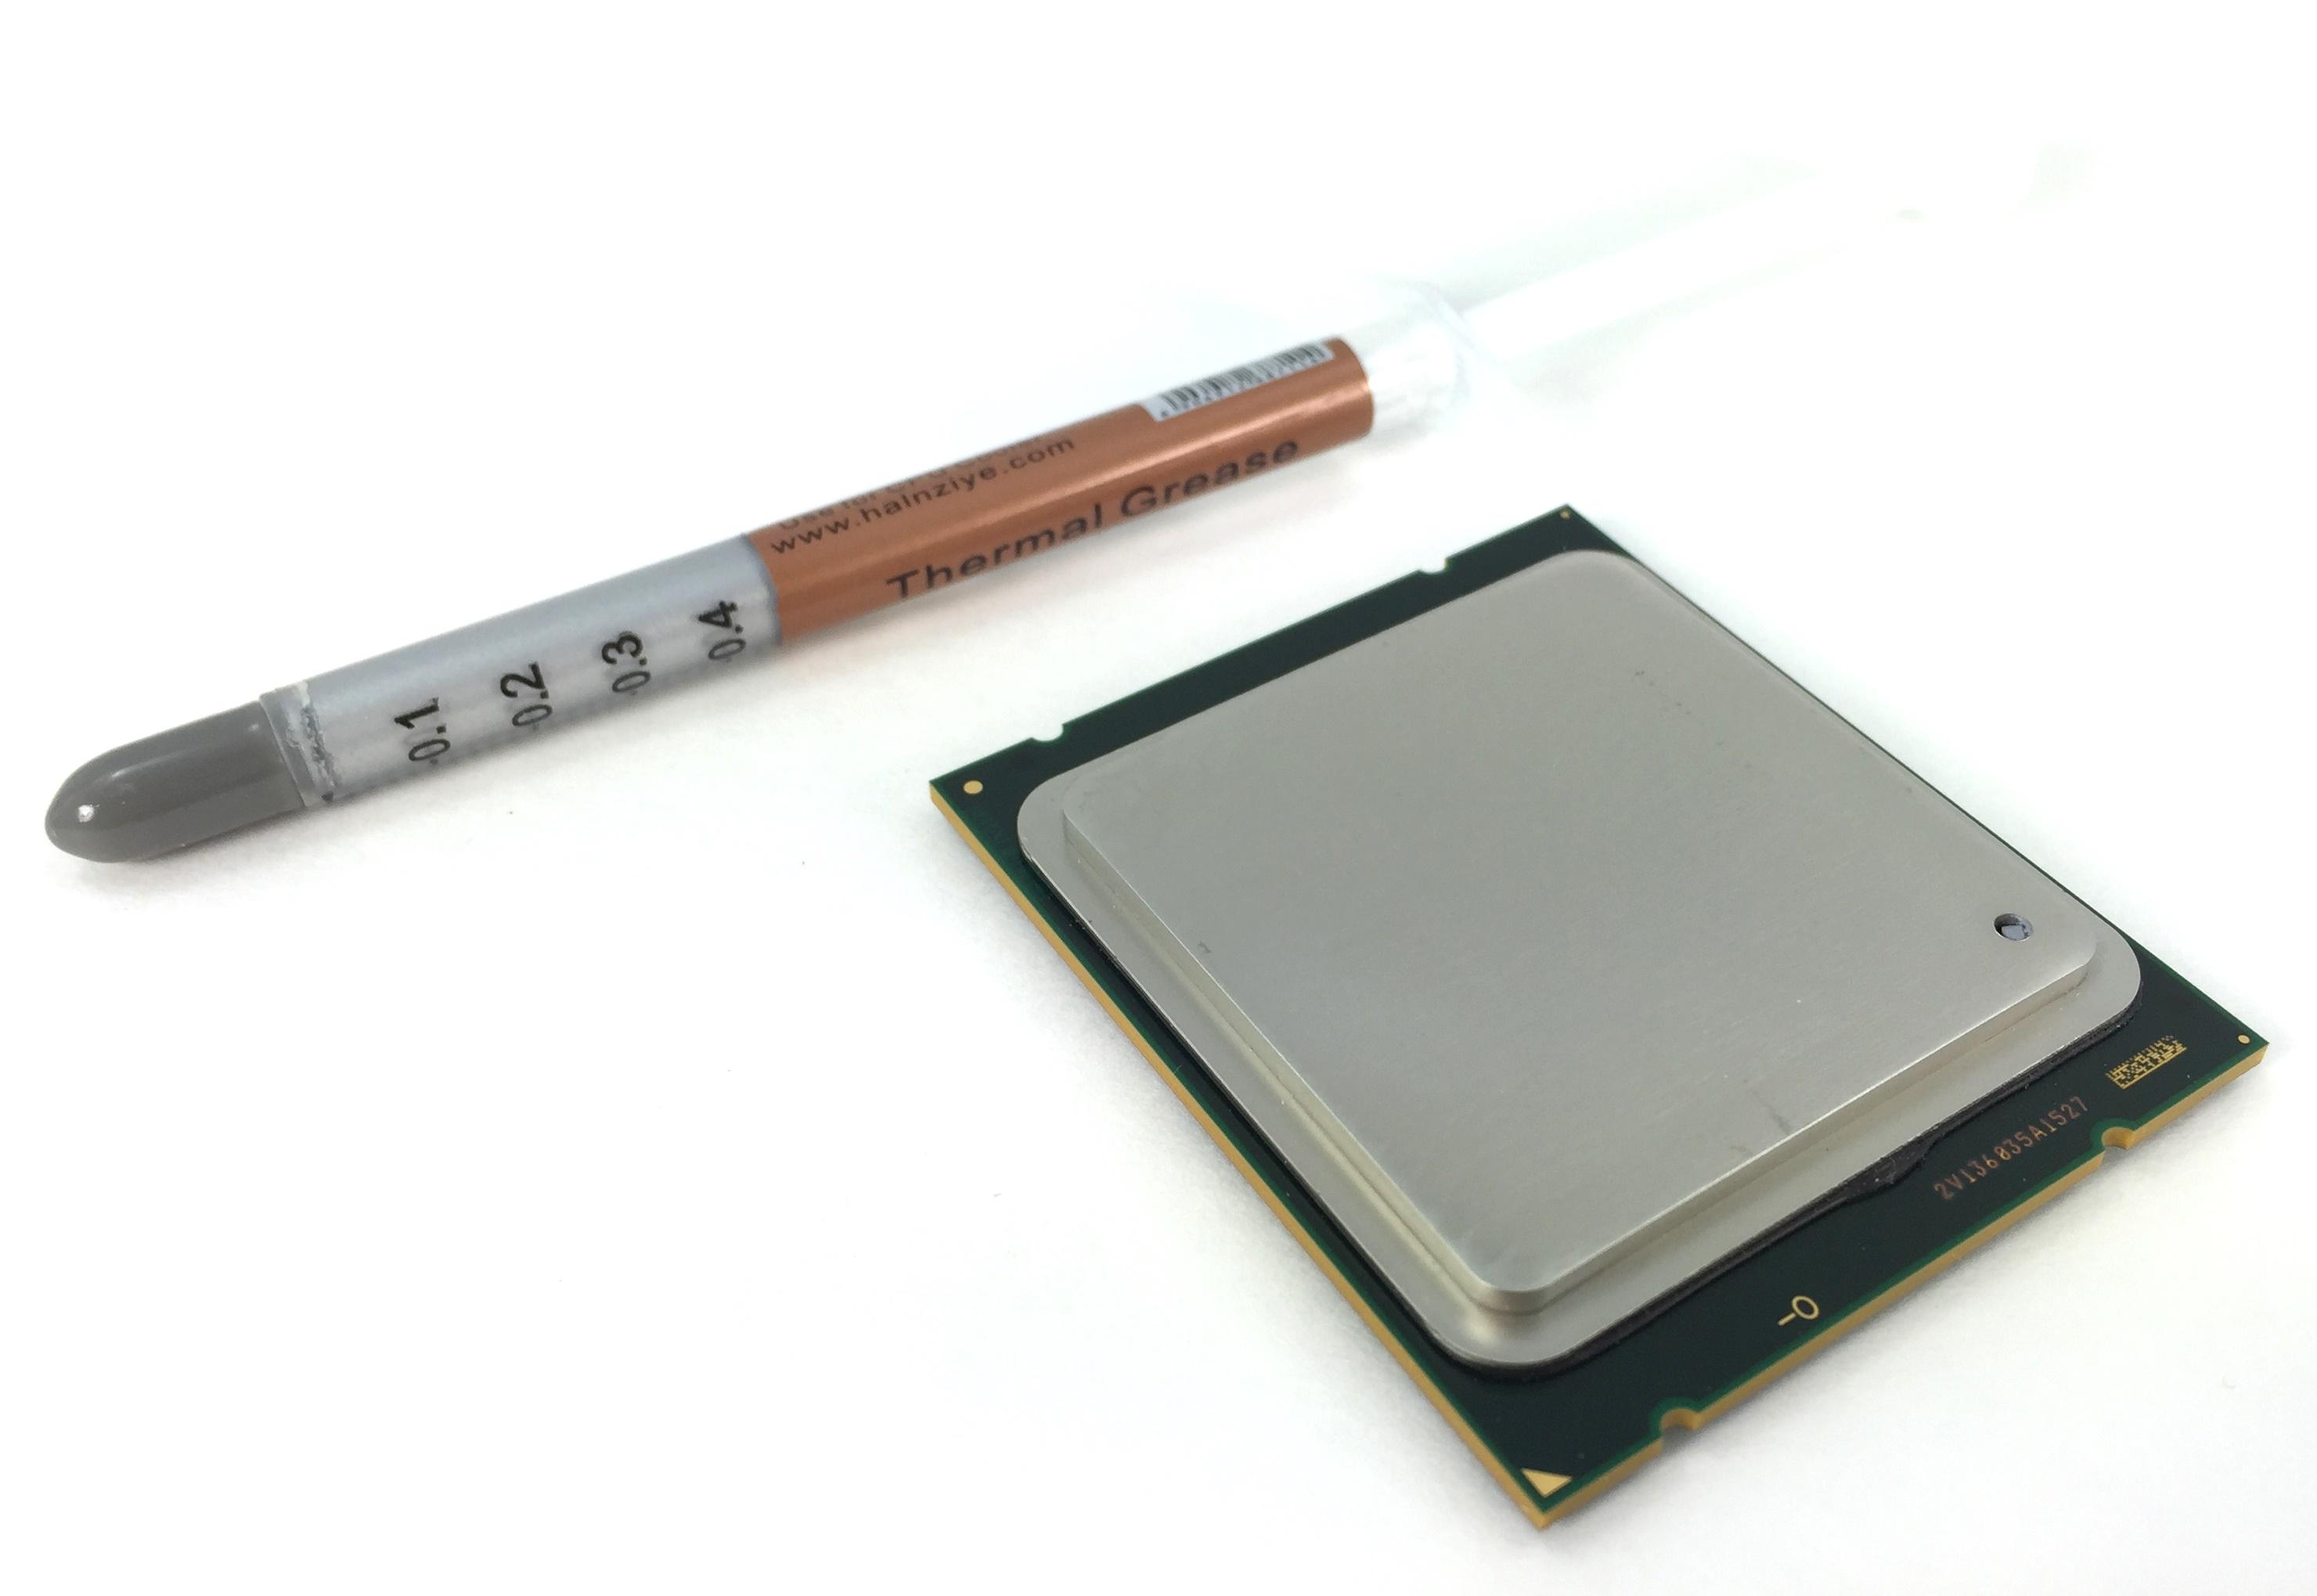 INTEL XEON E5-2603 1.8GHZ QUAD CORE 10MB LGA 2011 PROCESSOR (SR0LB)